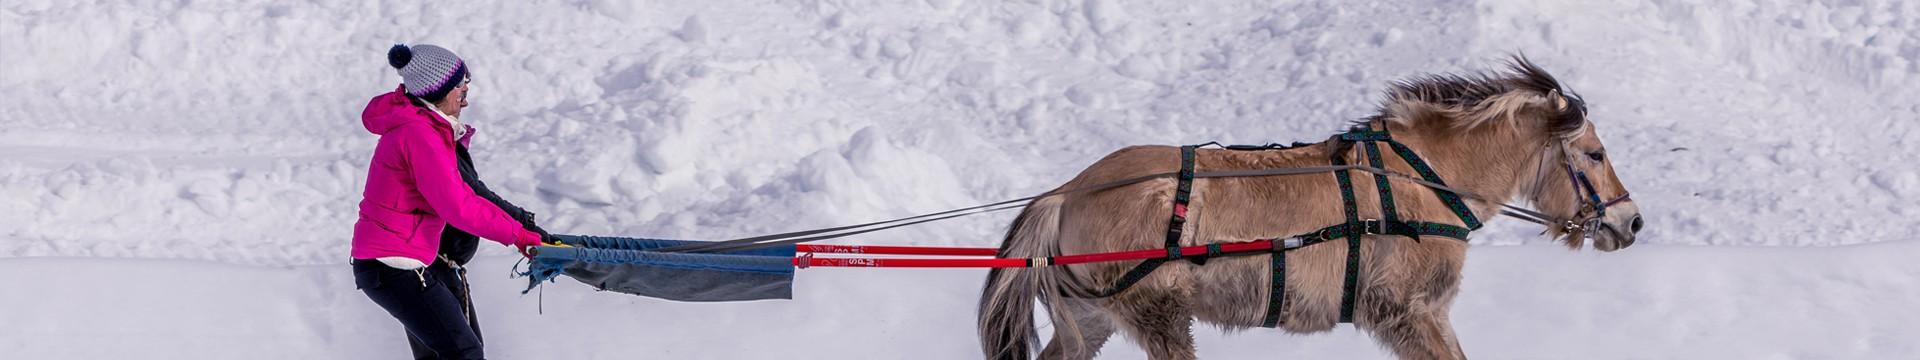 ski-joering-01-9021